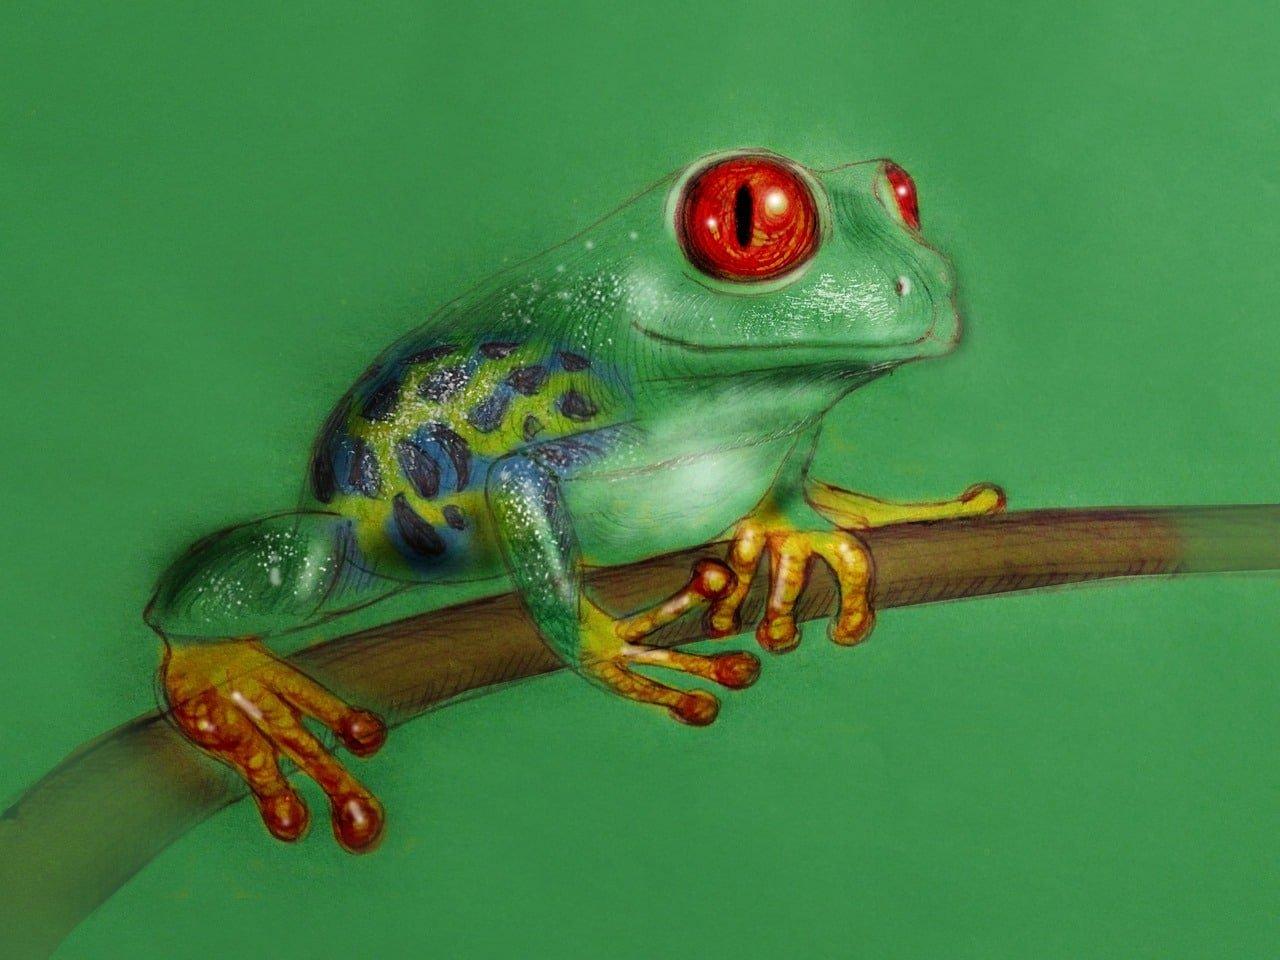 frog, jungle, venomous